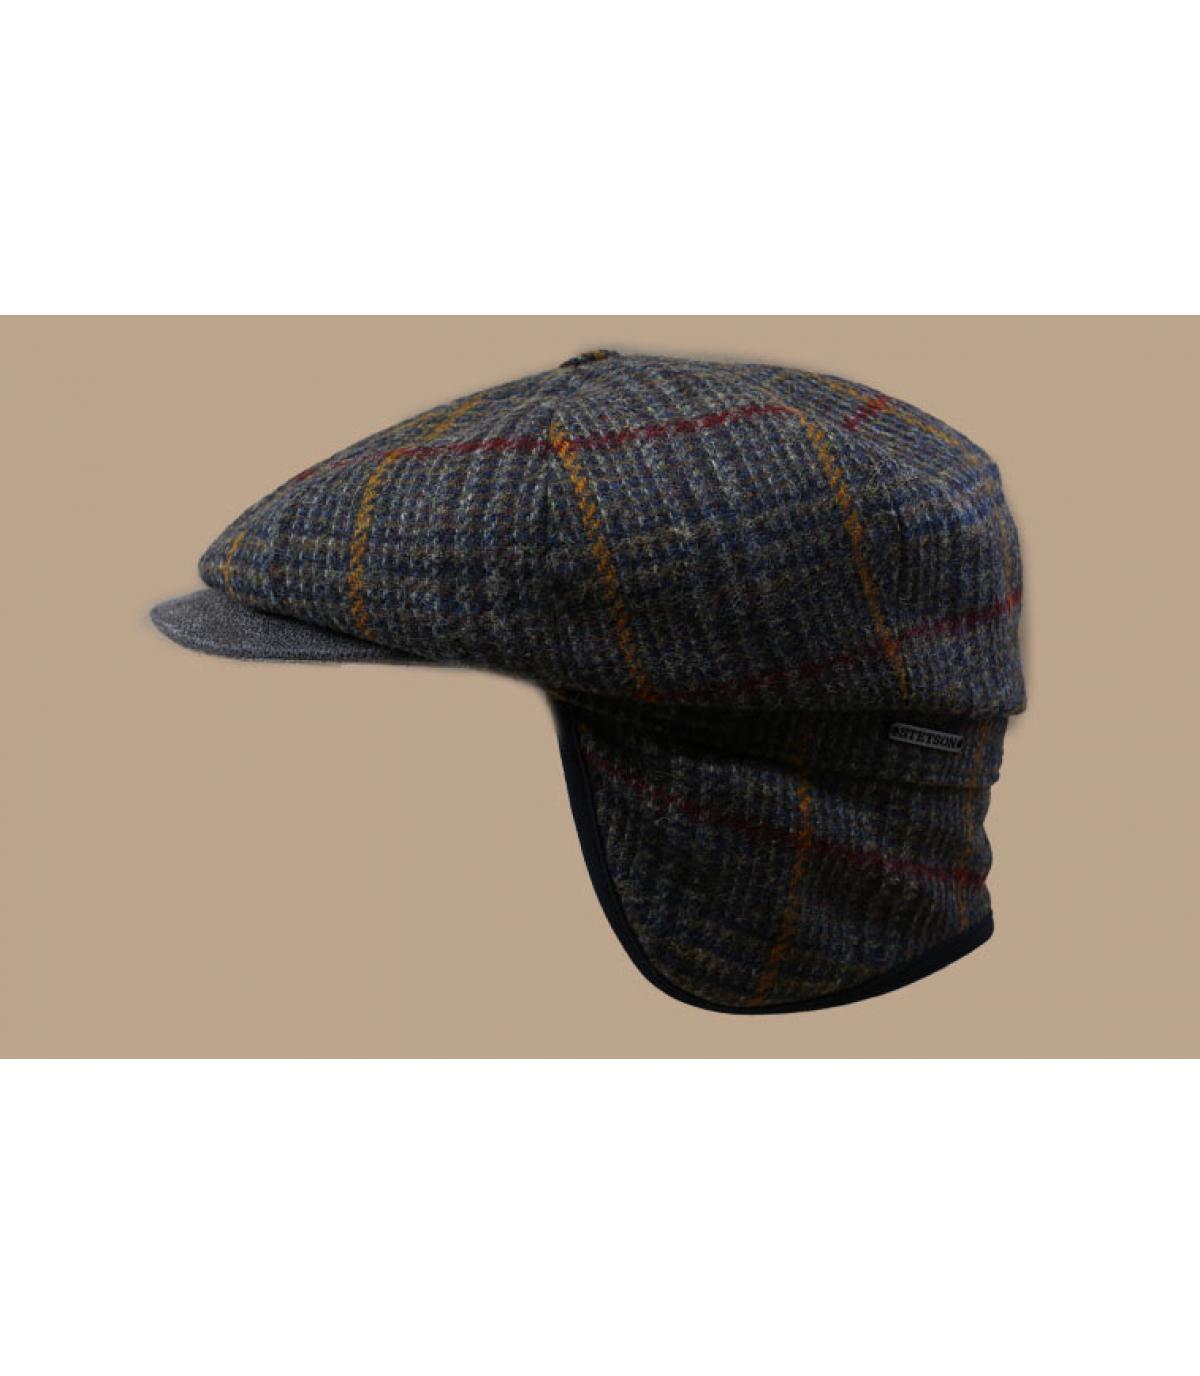 Details Hatteras EF Wool olive brown check - Abbildung 3